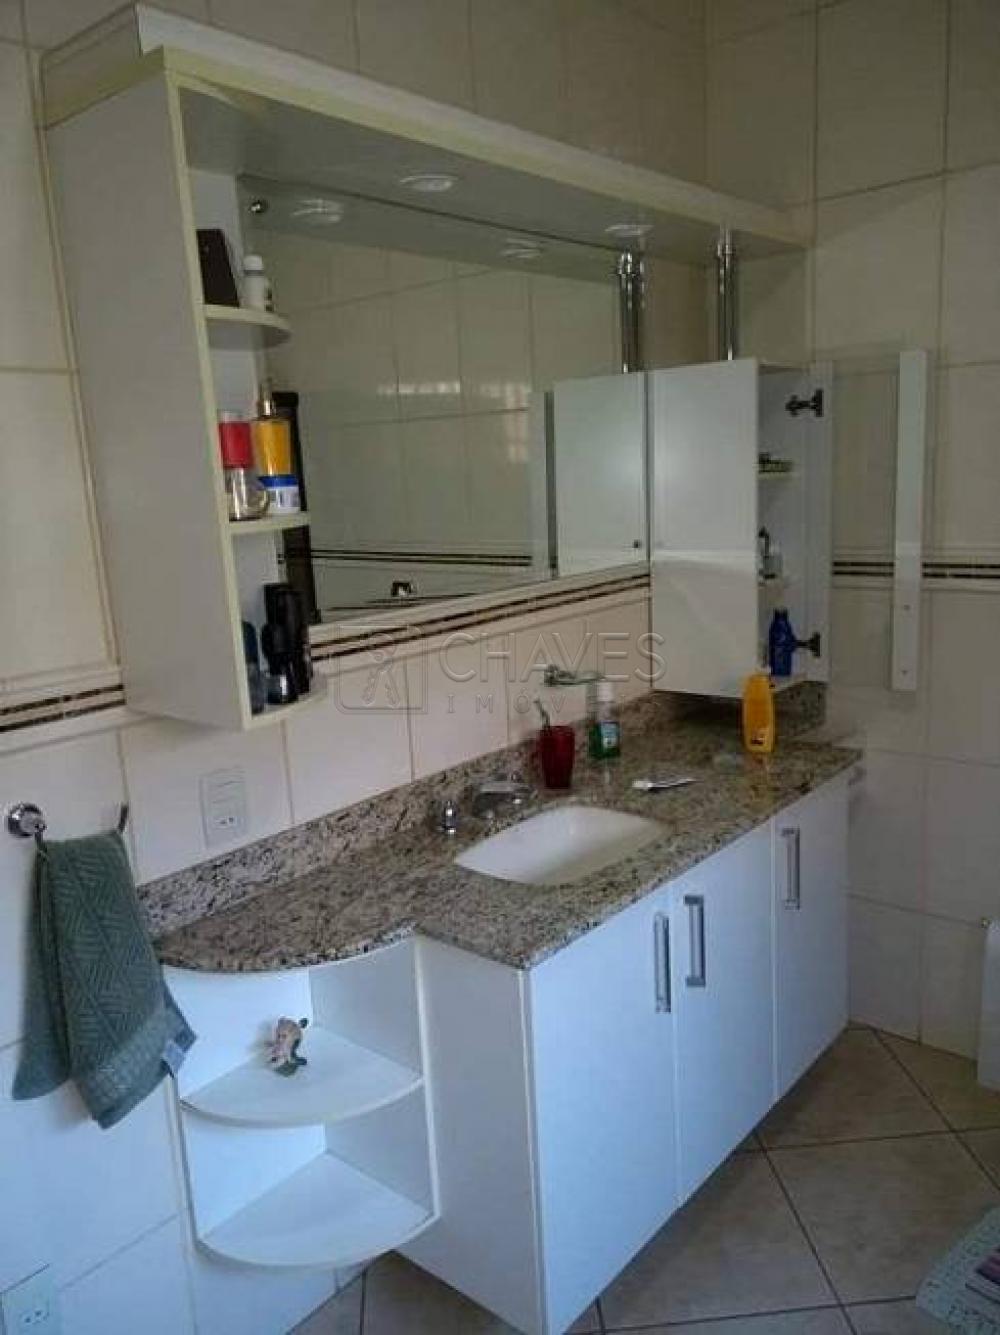 Comprar Casa / Condomínio em Bonfim Paulista R$ 1.280.000,00 - Foto 22